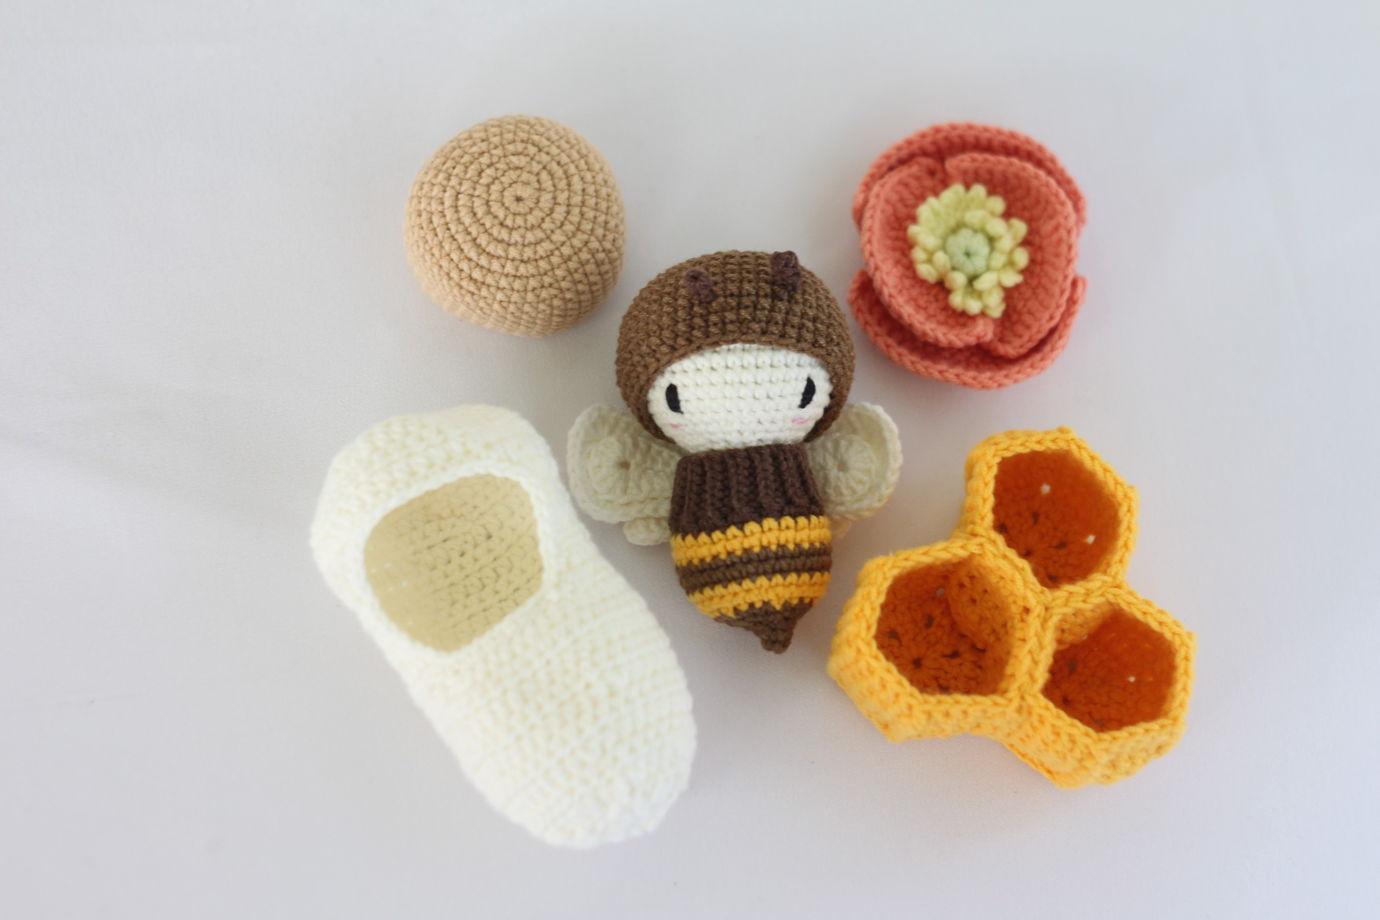 Вязаный развивающий набор - Жизненный цикл пчелы